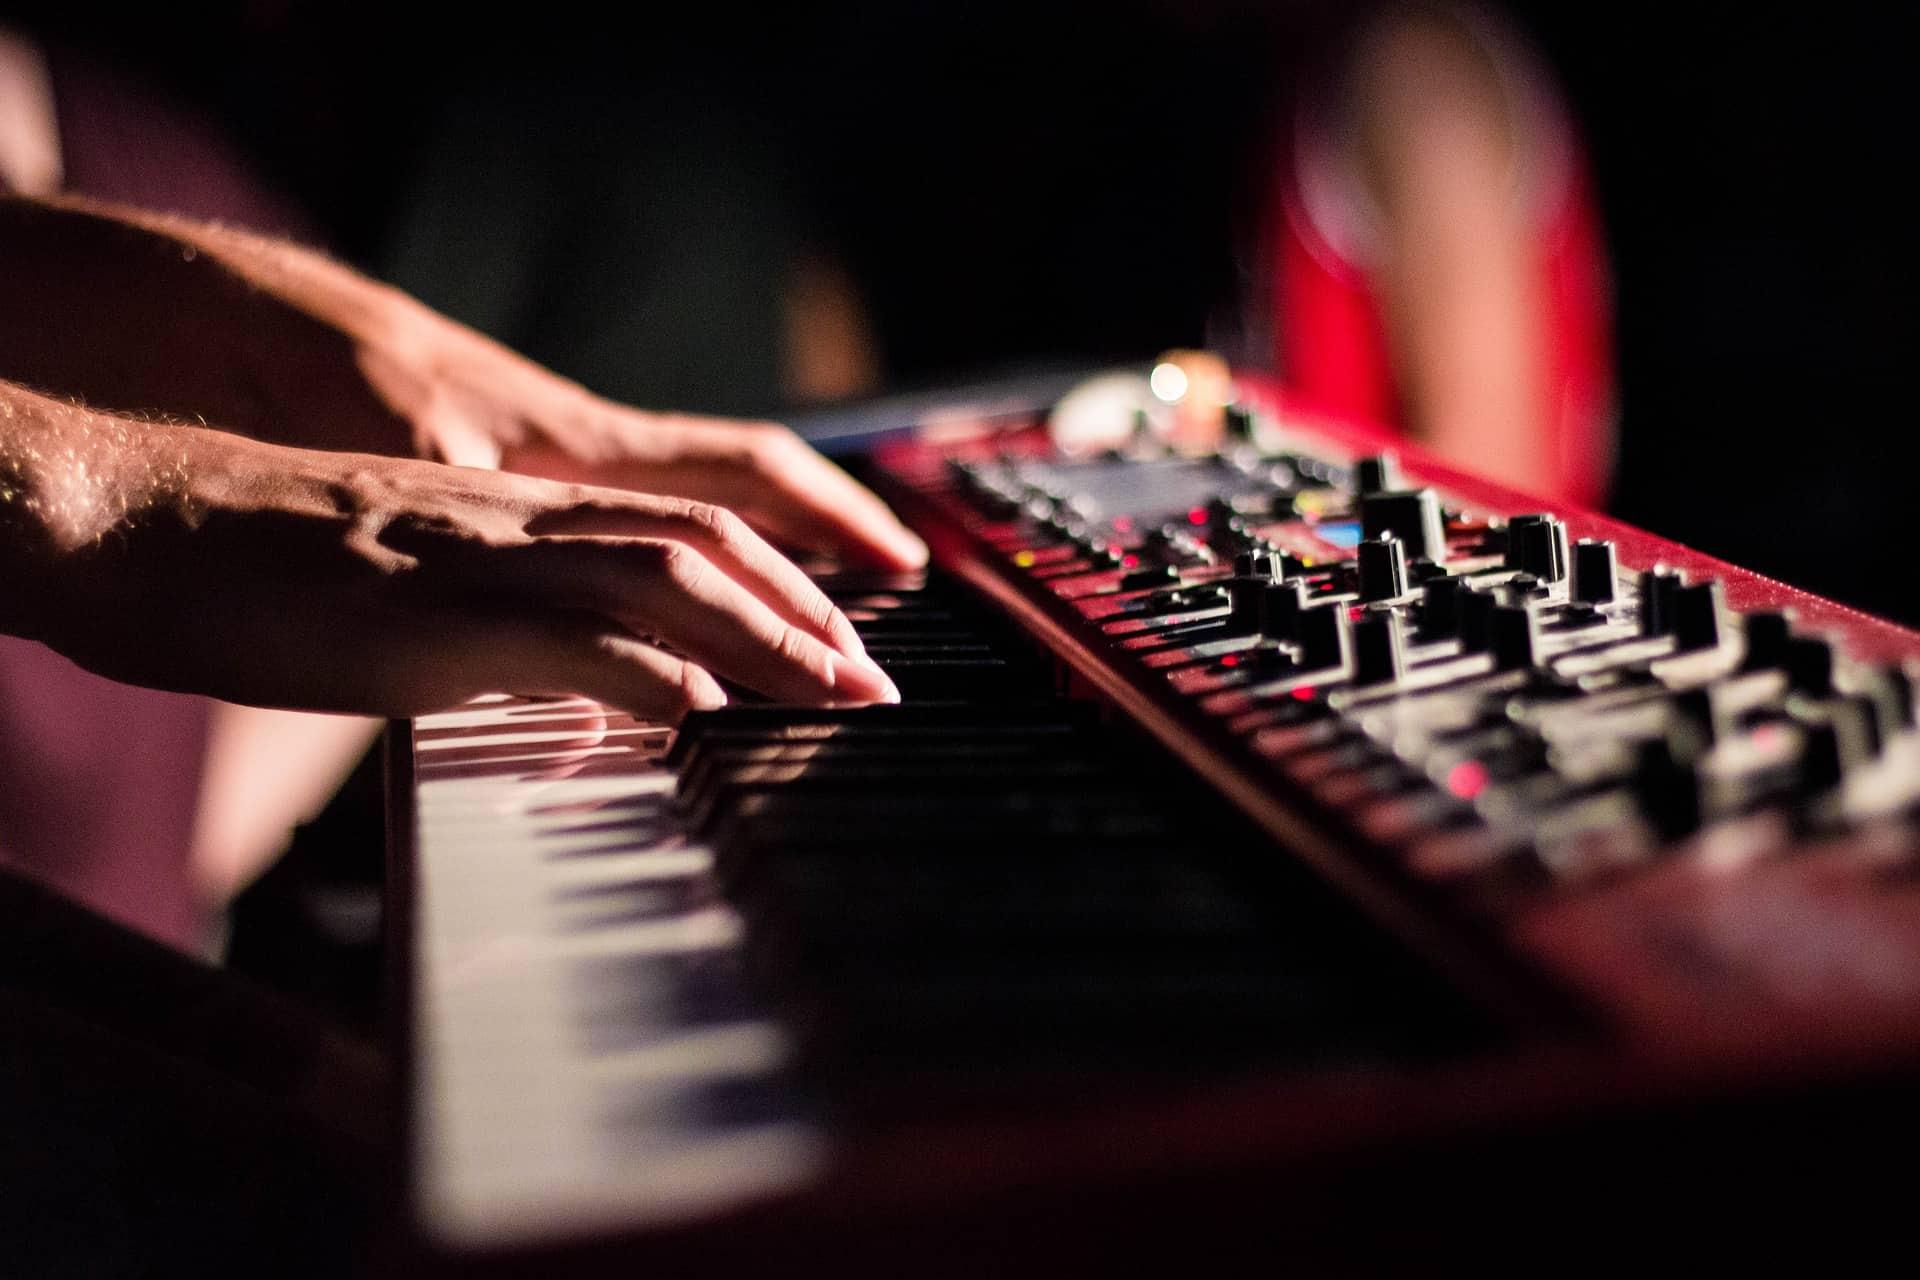 Teclado musical: Como escolher o melhor em 2020